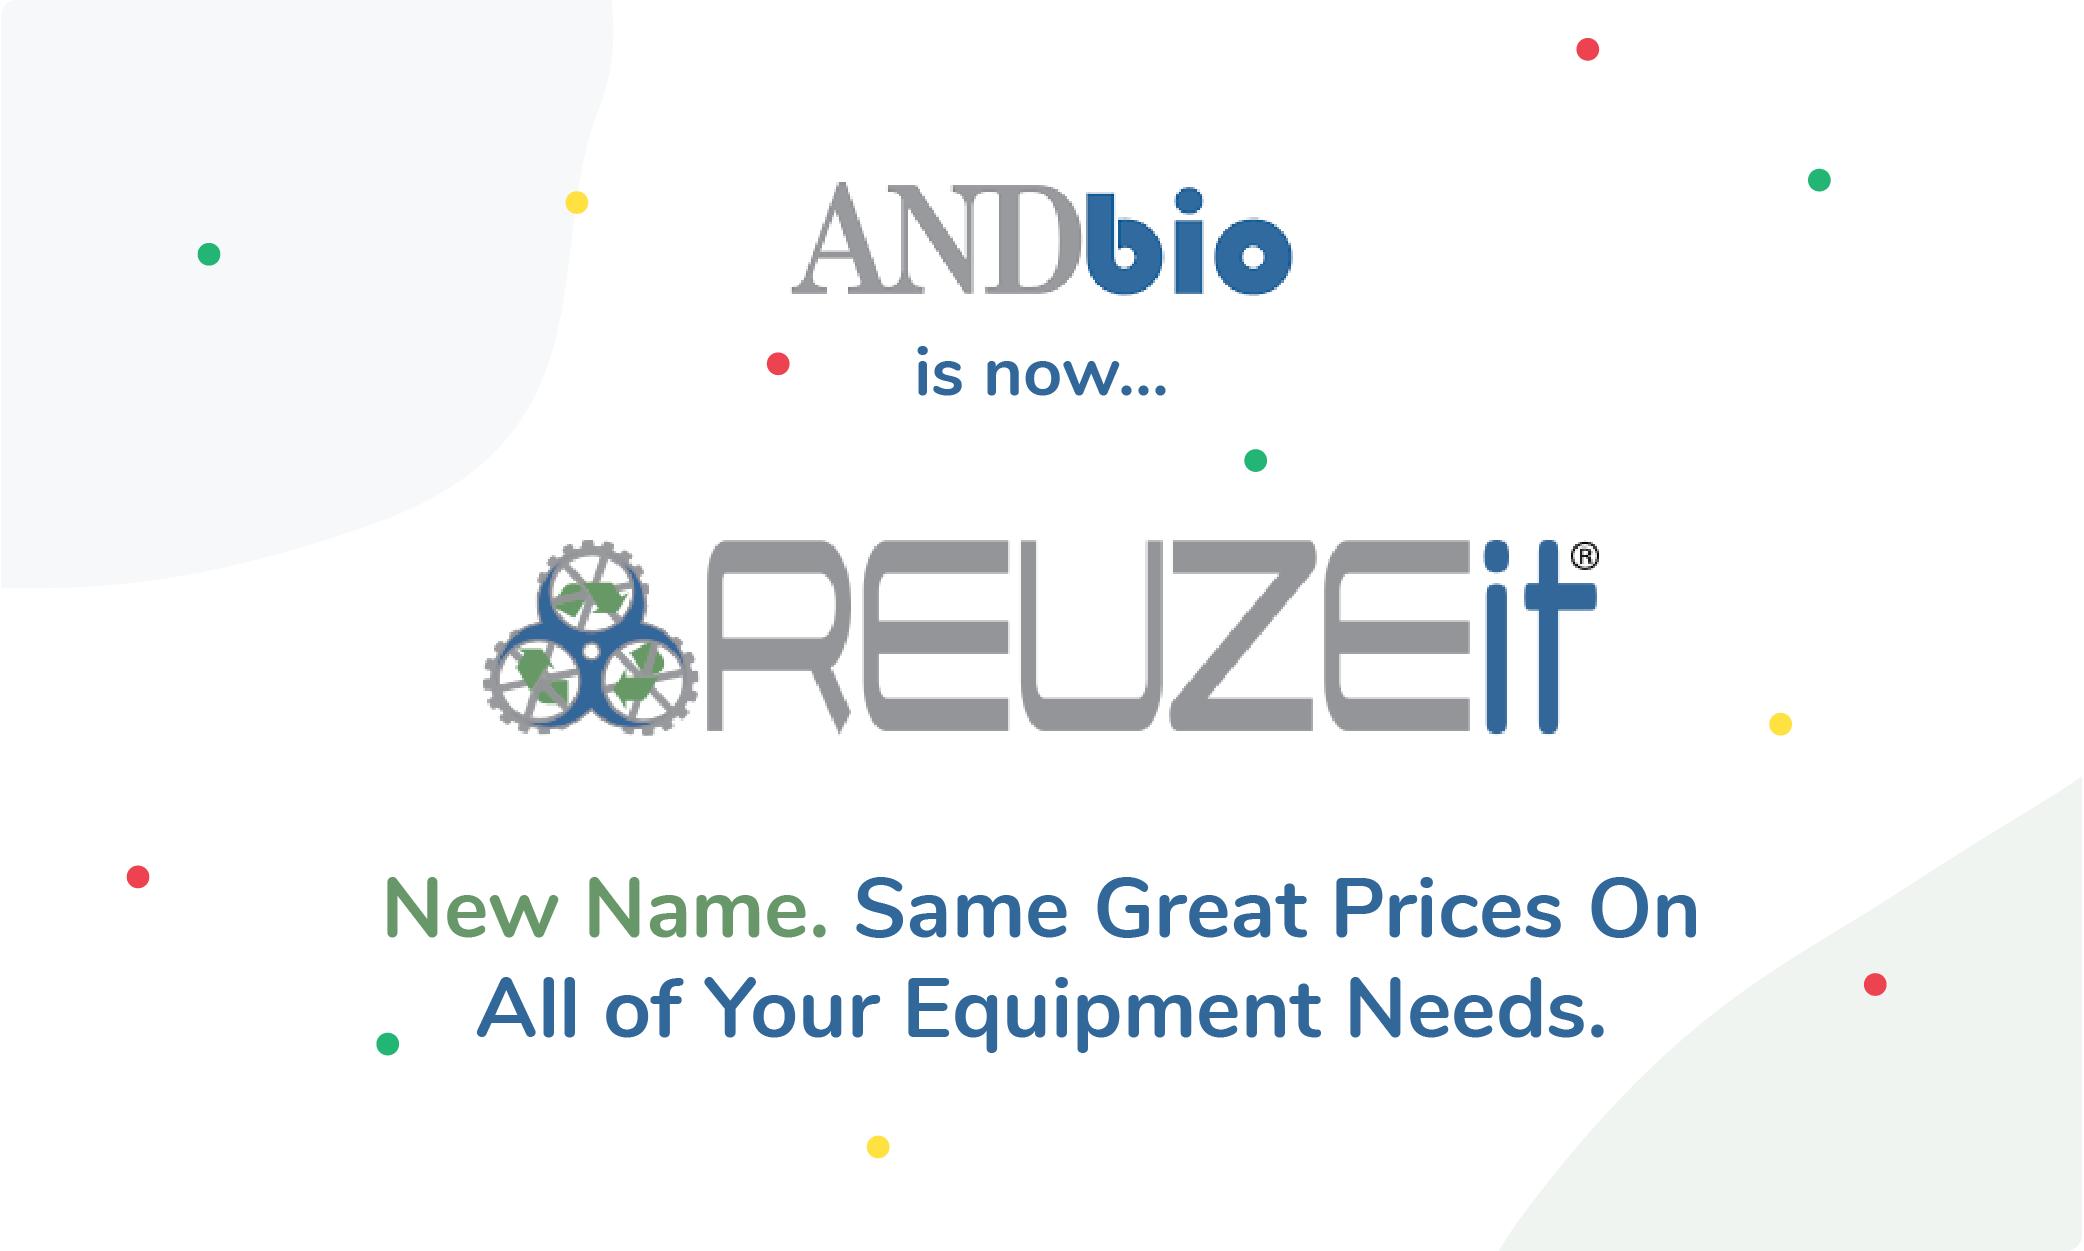 REUZEit Announcement